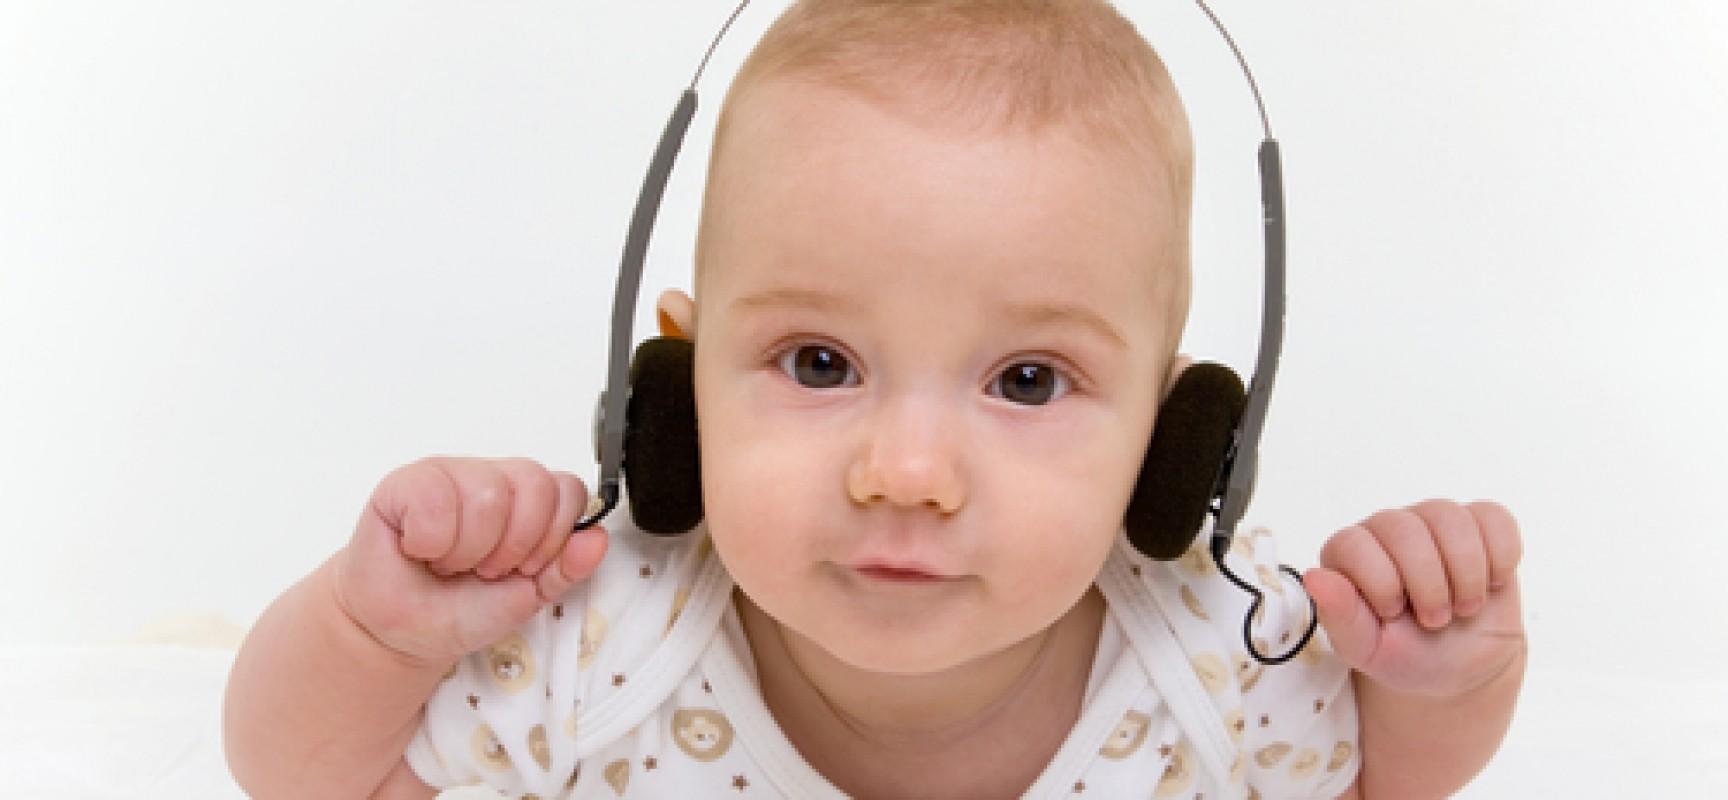 Canzoni per bambini piccoli for Canzoncini per bambini piccoli